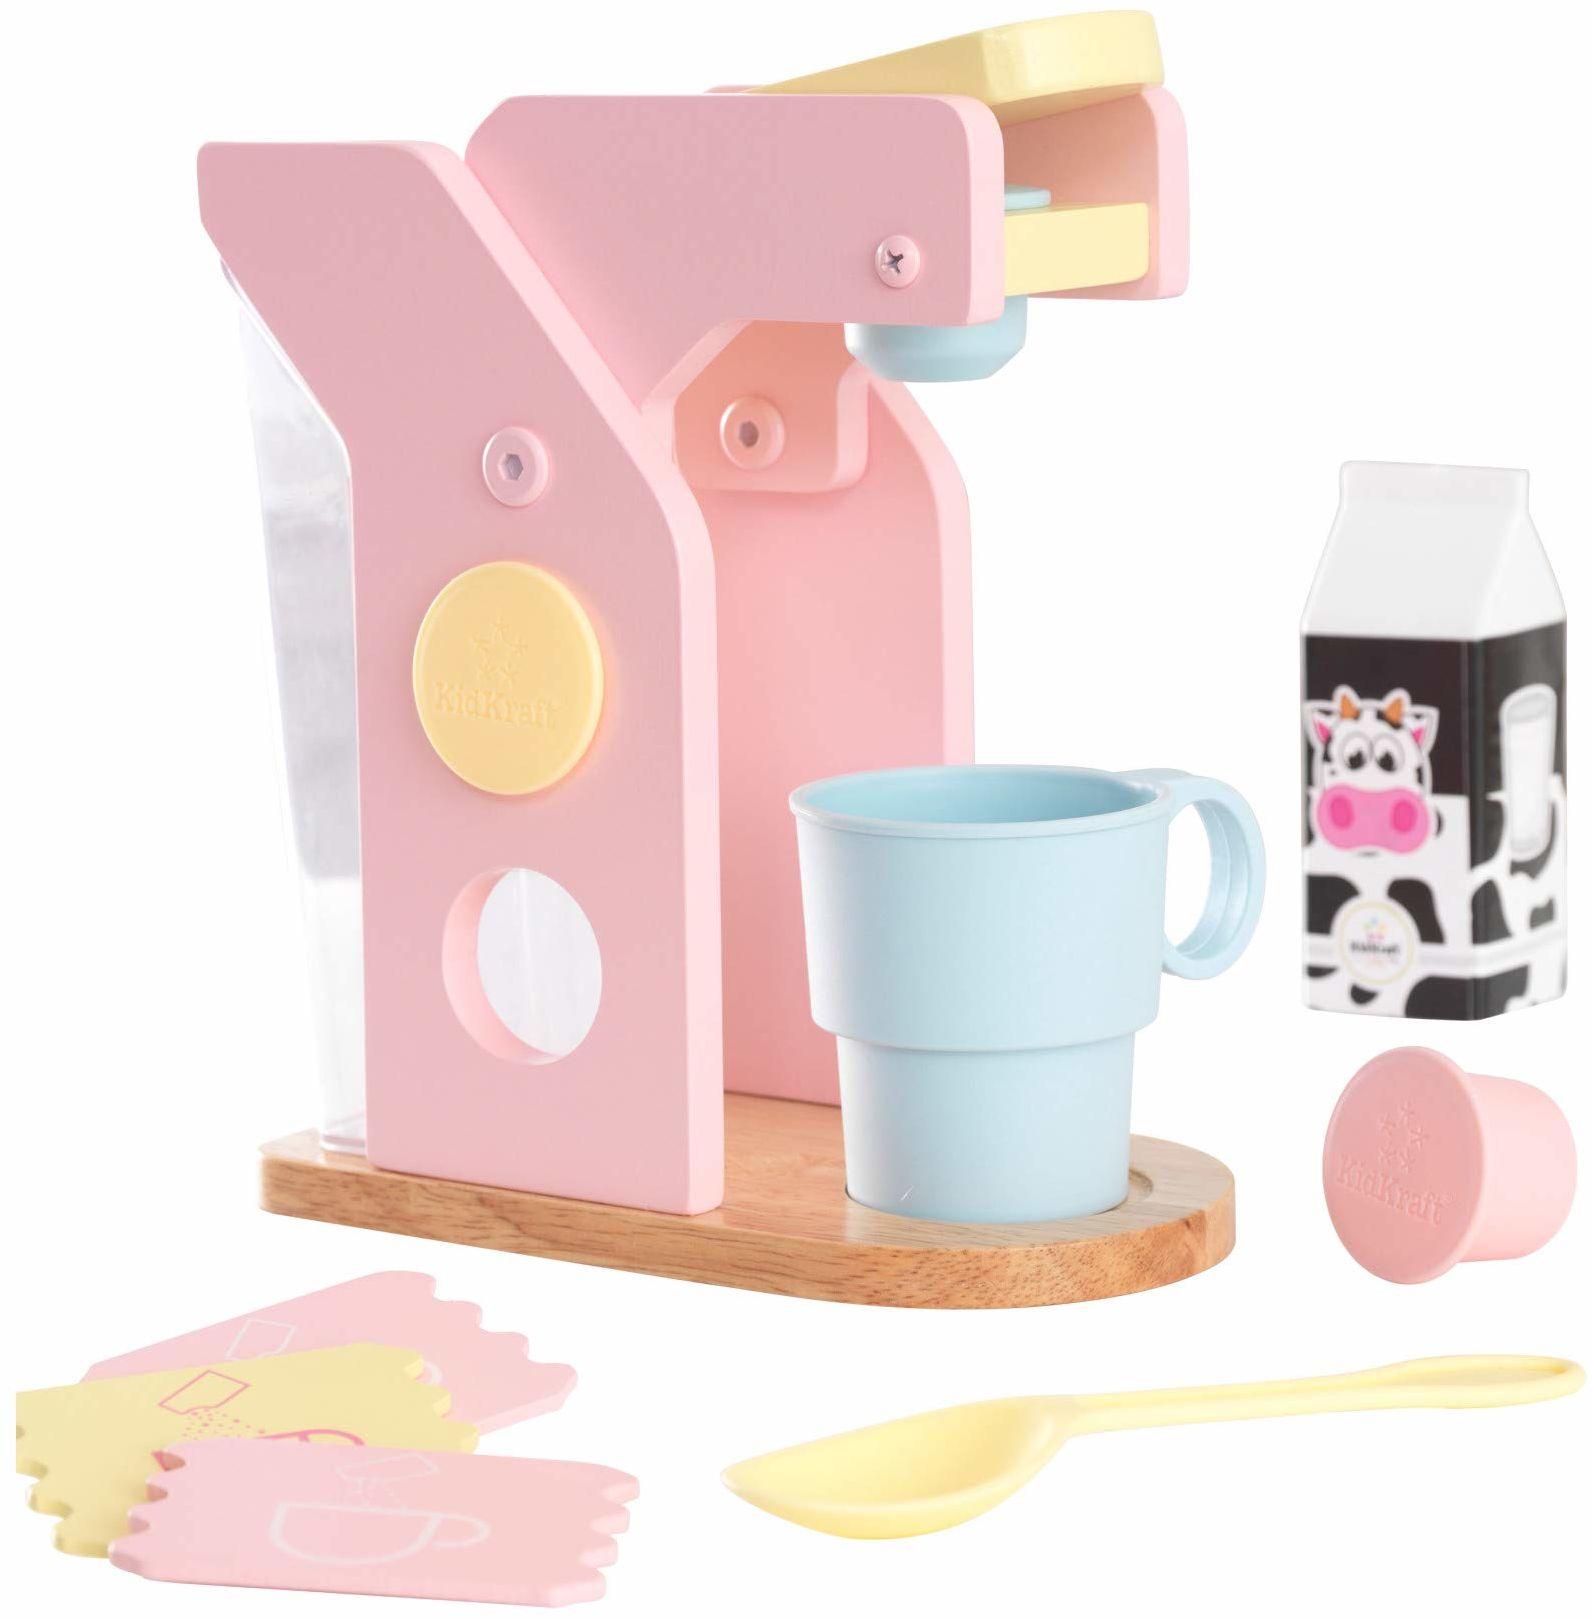 KidKraft 63380 pastelowy drewniany zestaw do kawy ''Pretend Play'', akcesoria do gotowania dla dzieci zabawka kuchnia